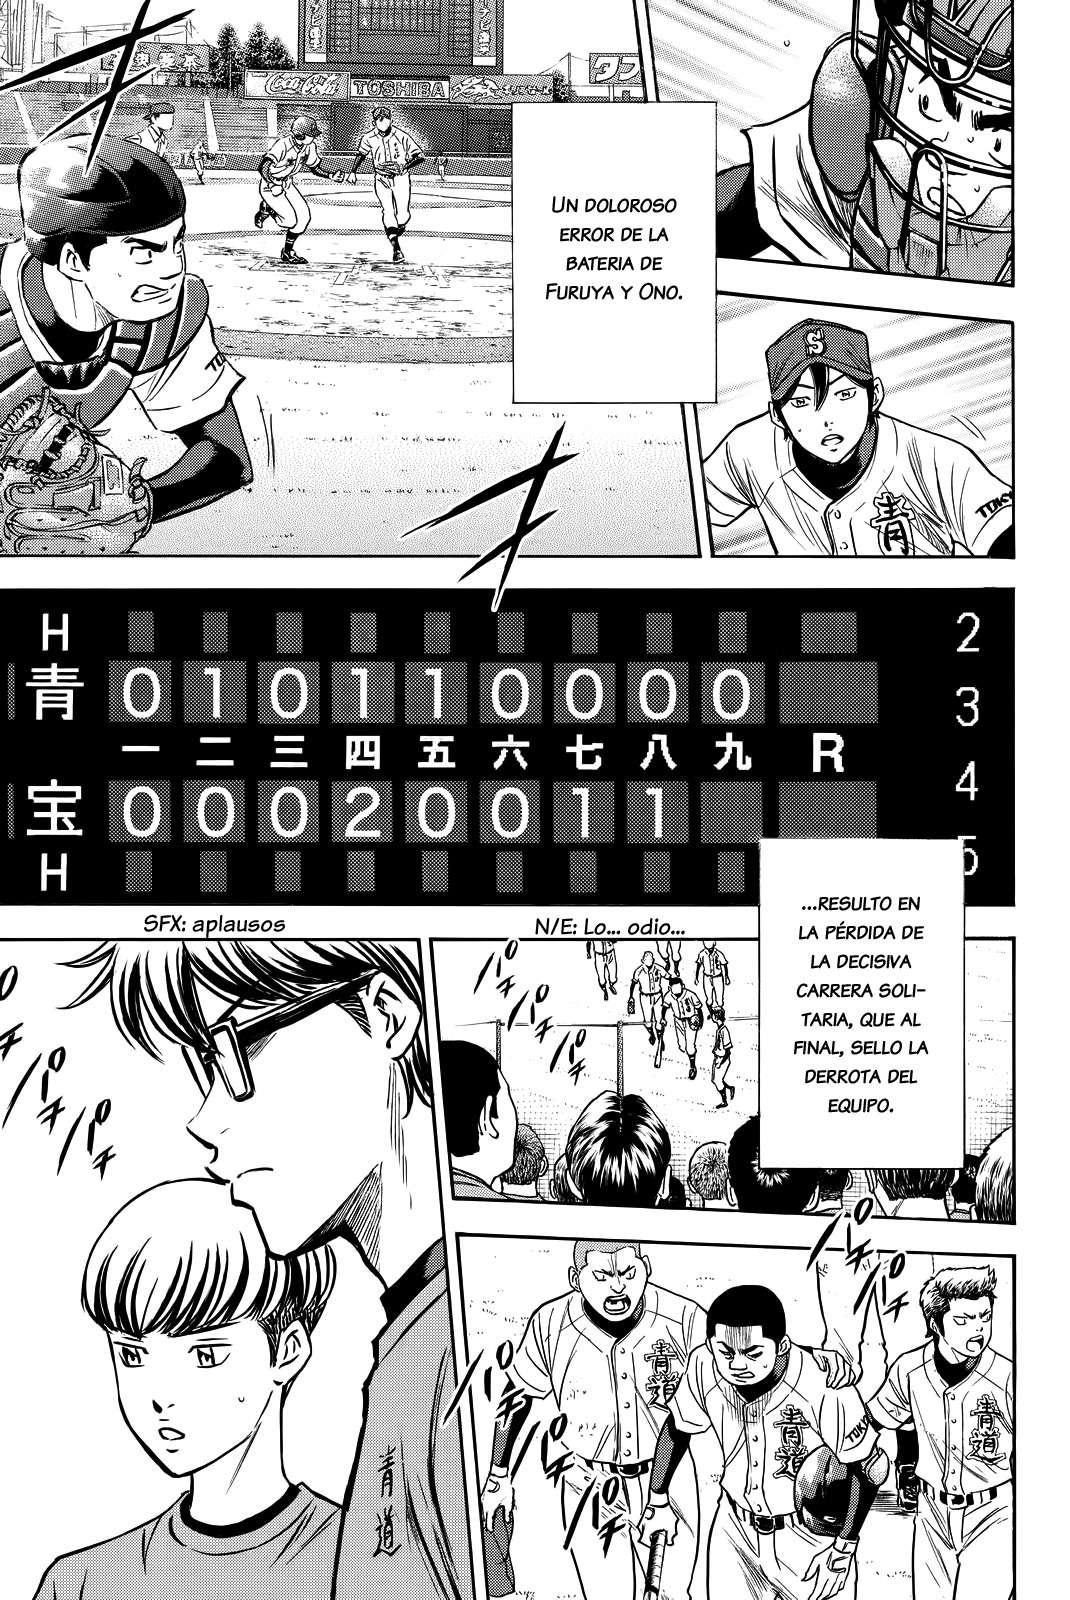 http://c5.ninemanga.com/es_manga/24/1752/422719/7f96b48eff9b7a8f8ebe955363b7b260.jpg Page 9